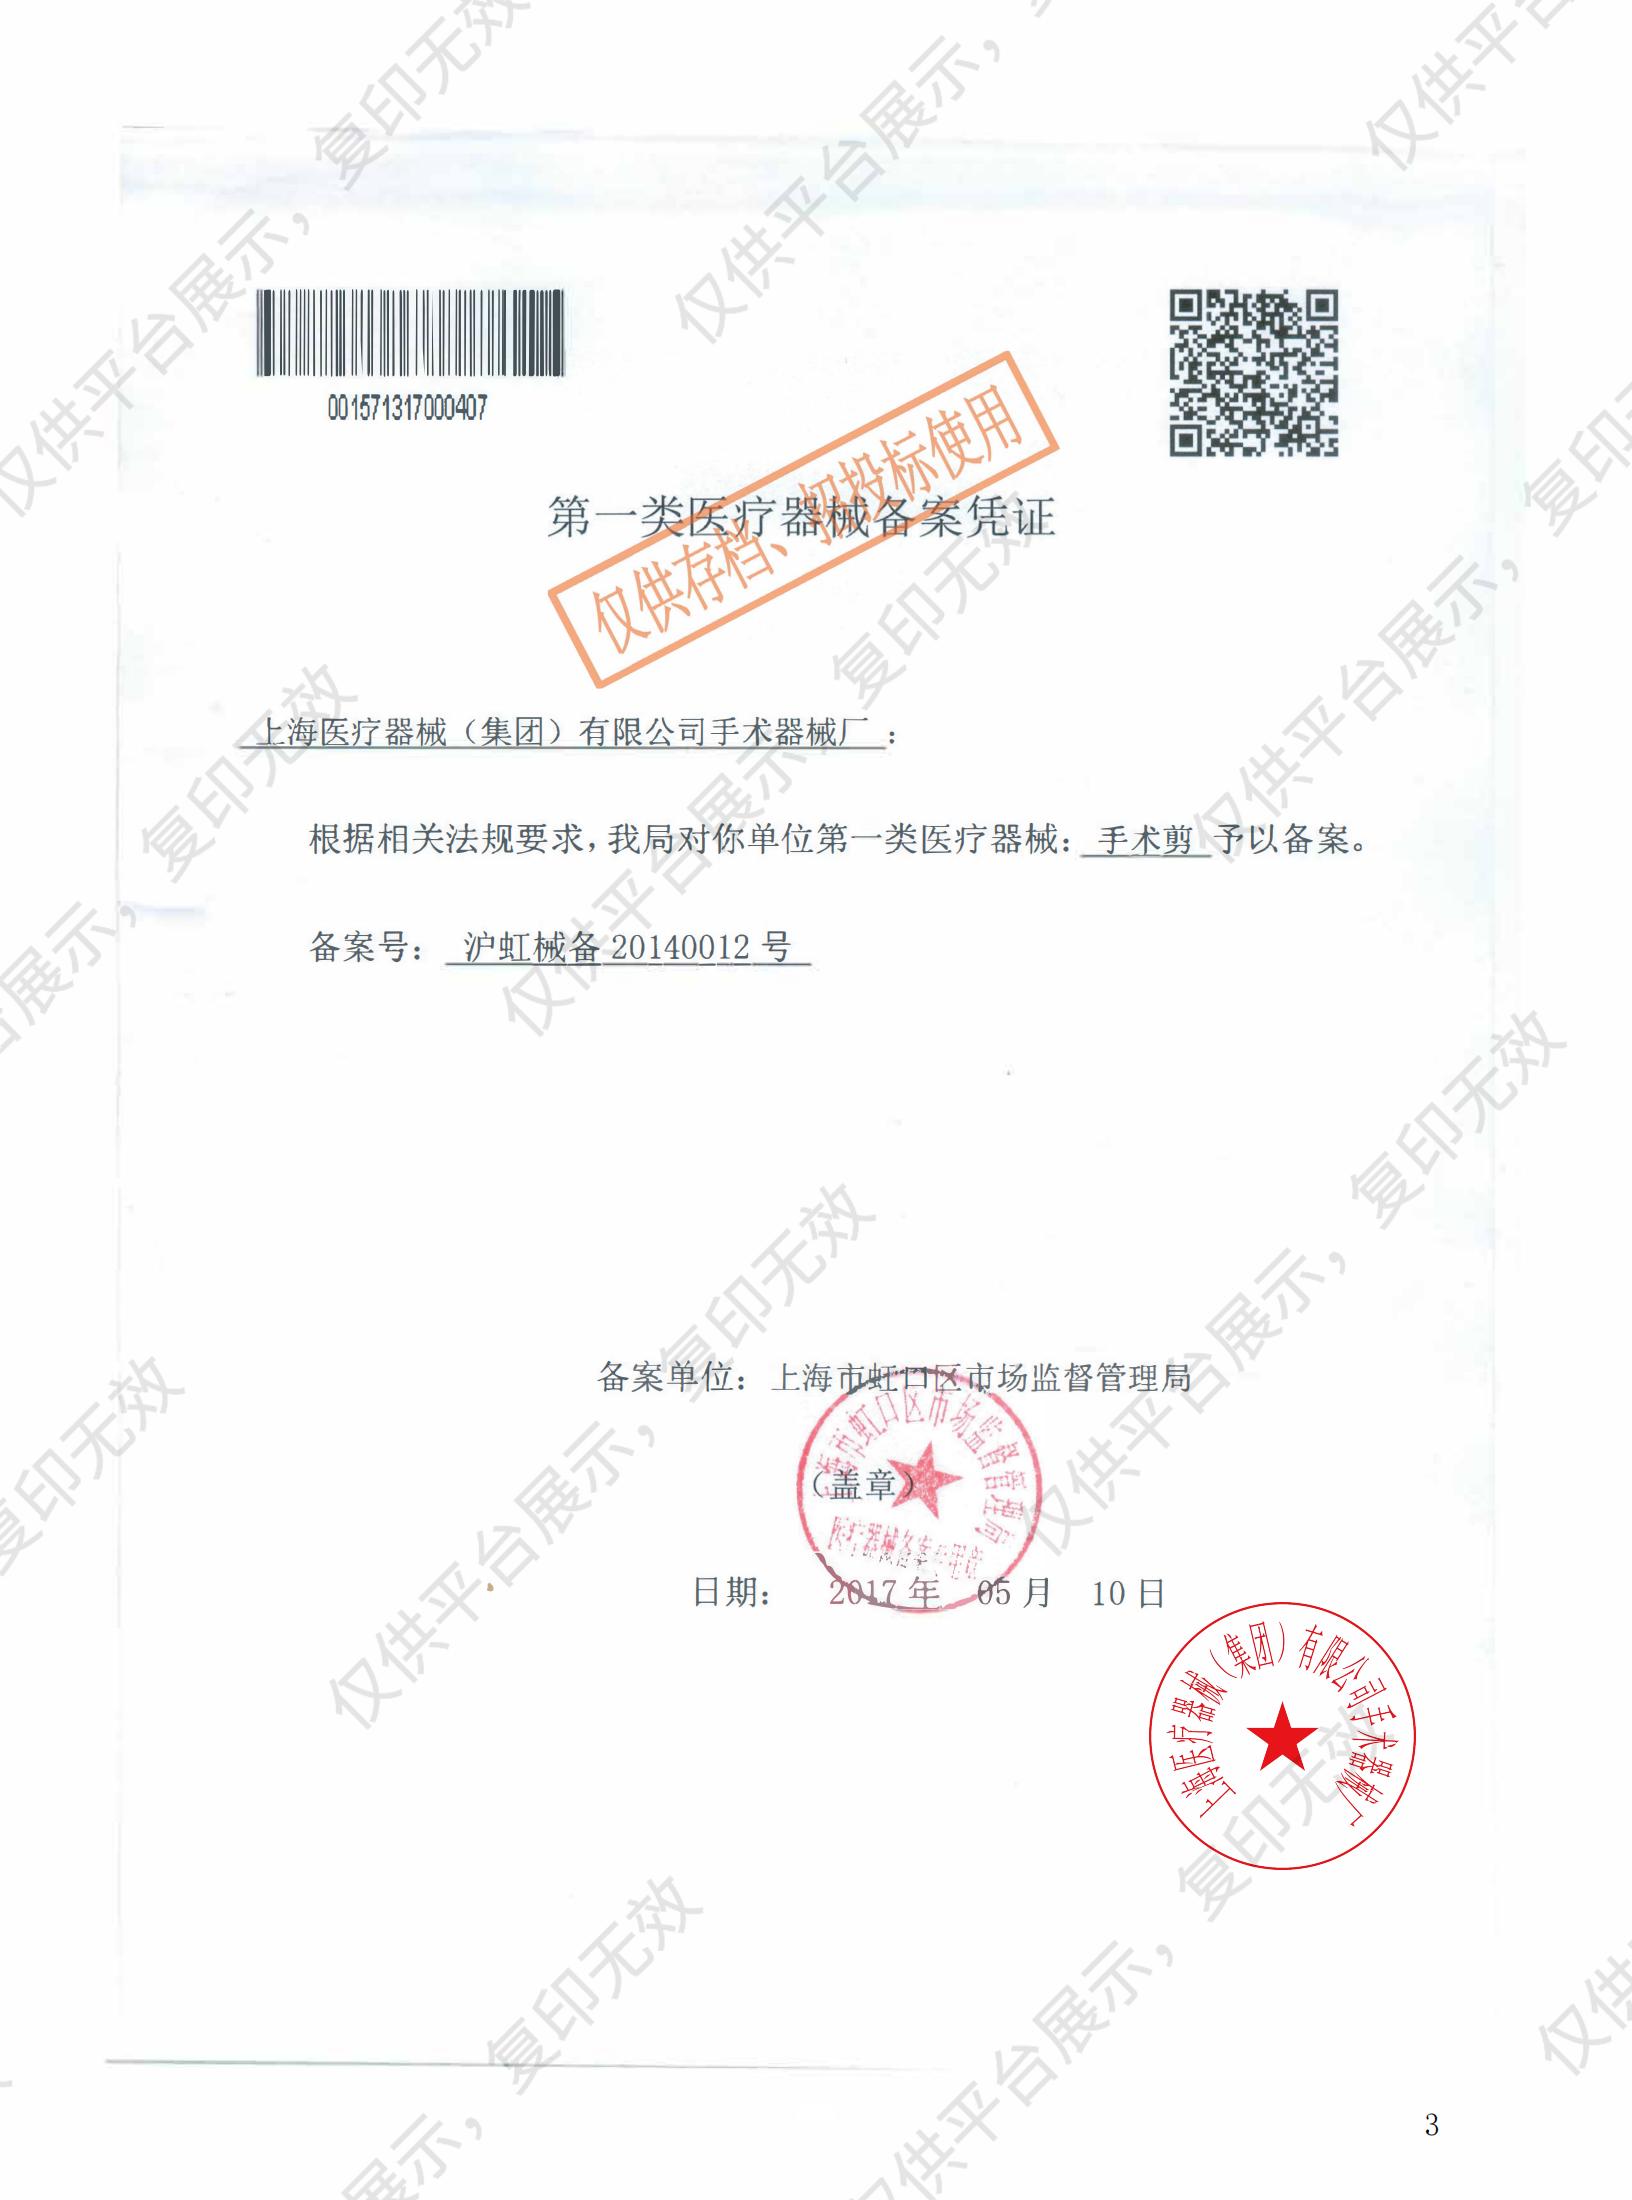 金钟 手术剪 J21220(18cm弯尖)注册证